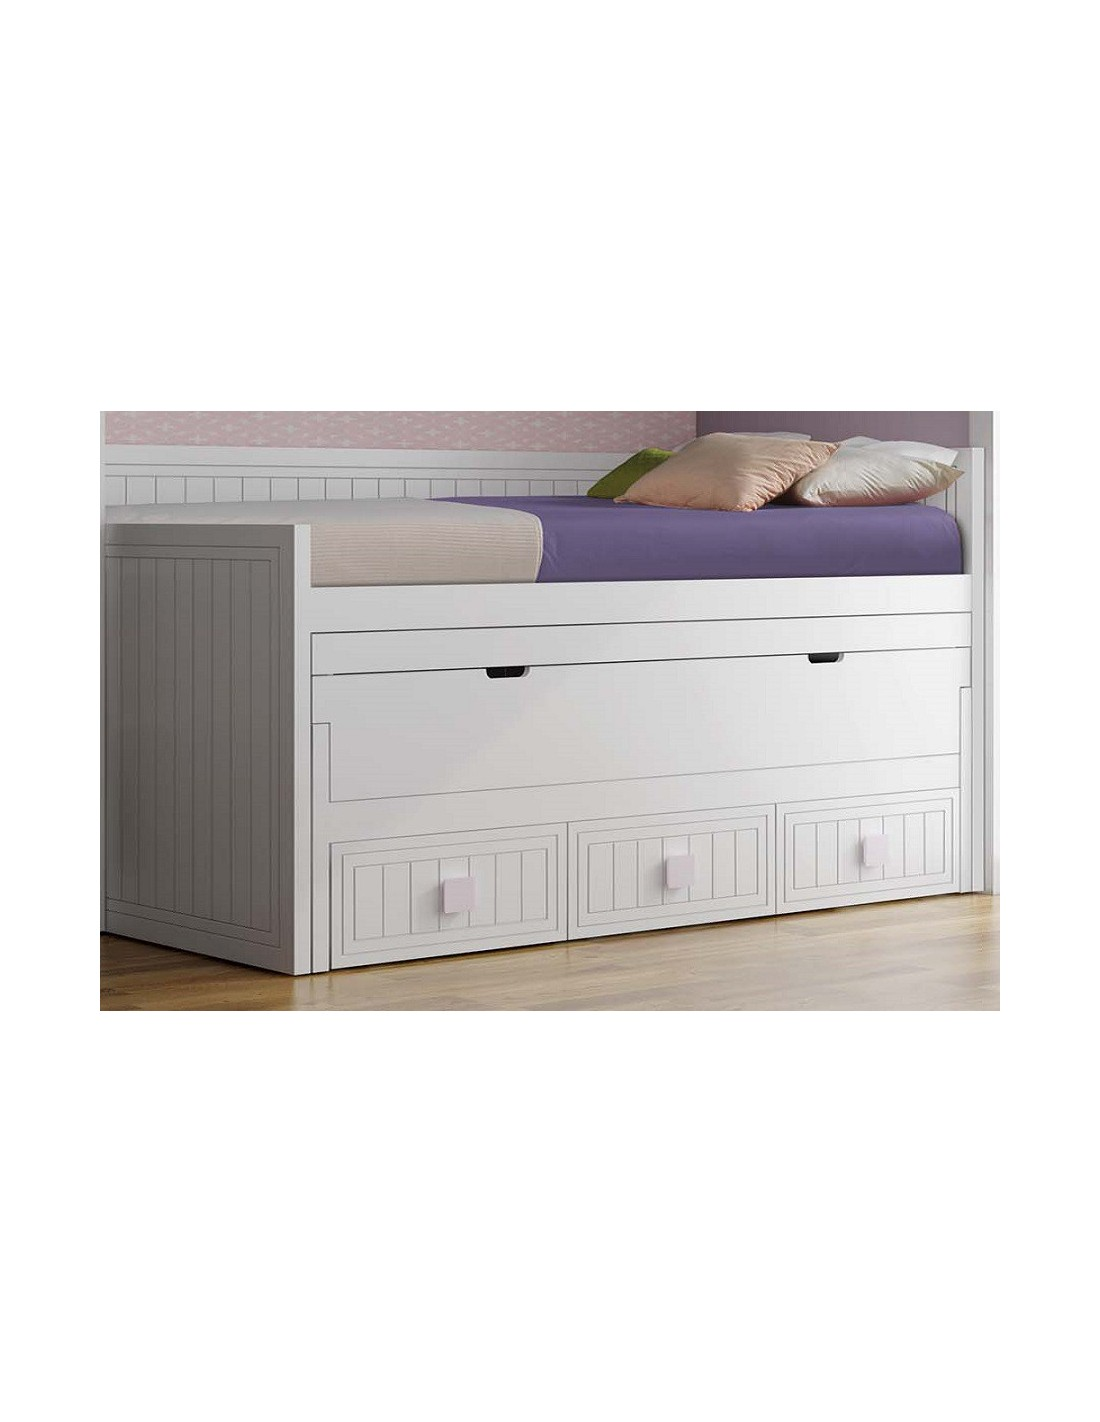 cama compacta con escritorio muebles jueveniles noel ForCama Compacta Con Escritorio